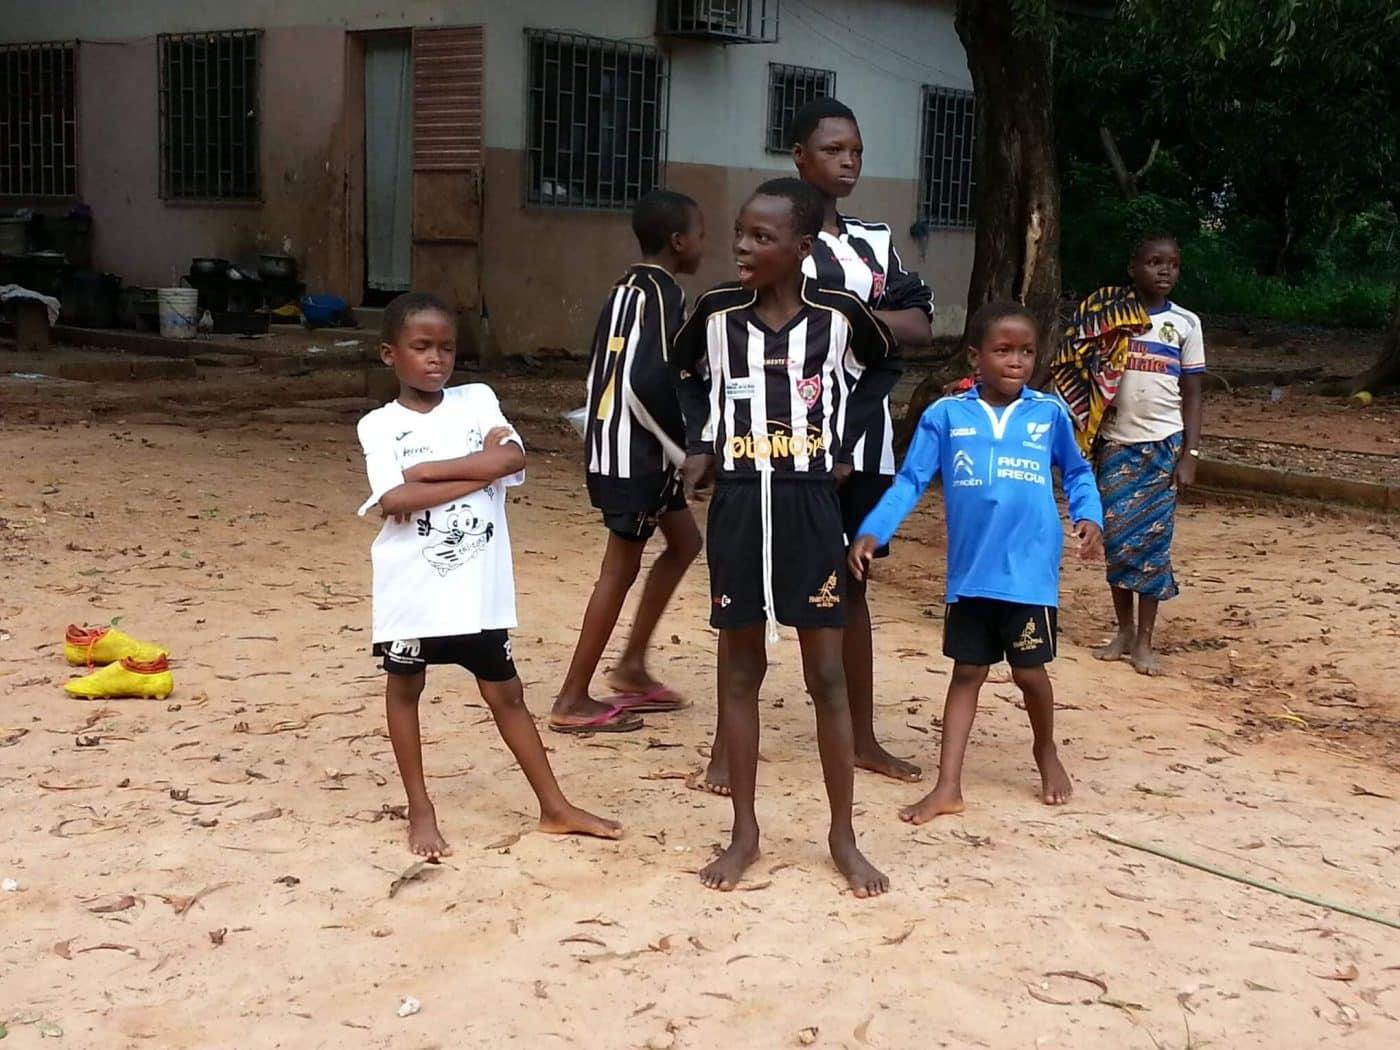 Los niños de Benín ya disfrutan del fútbol con las camisetas del Haro Sport Club 1